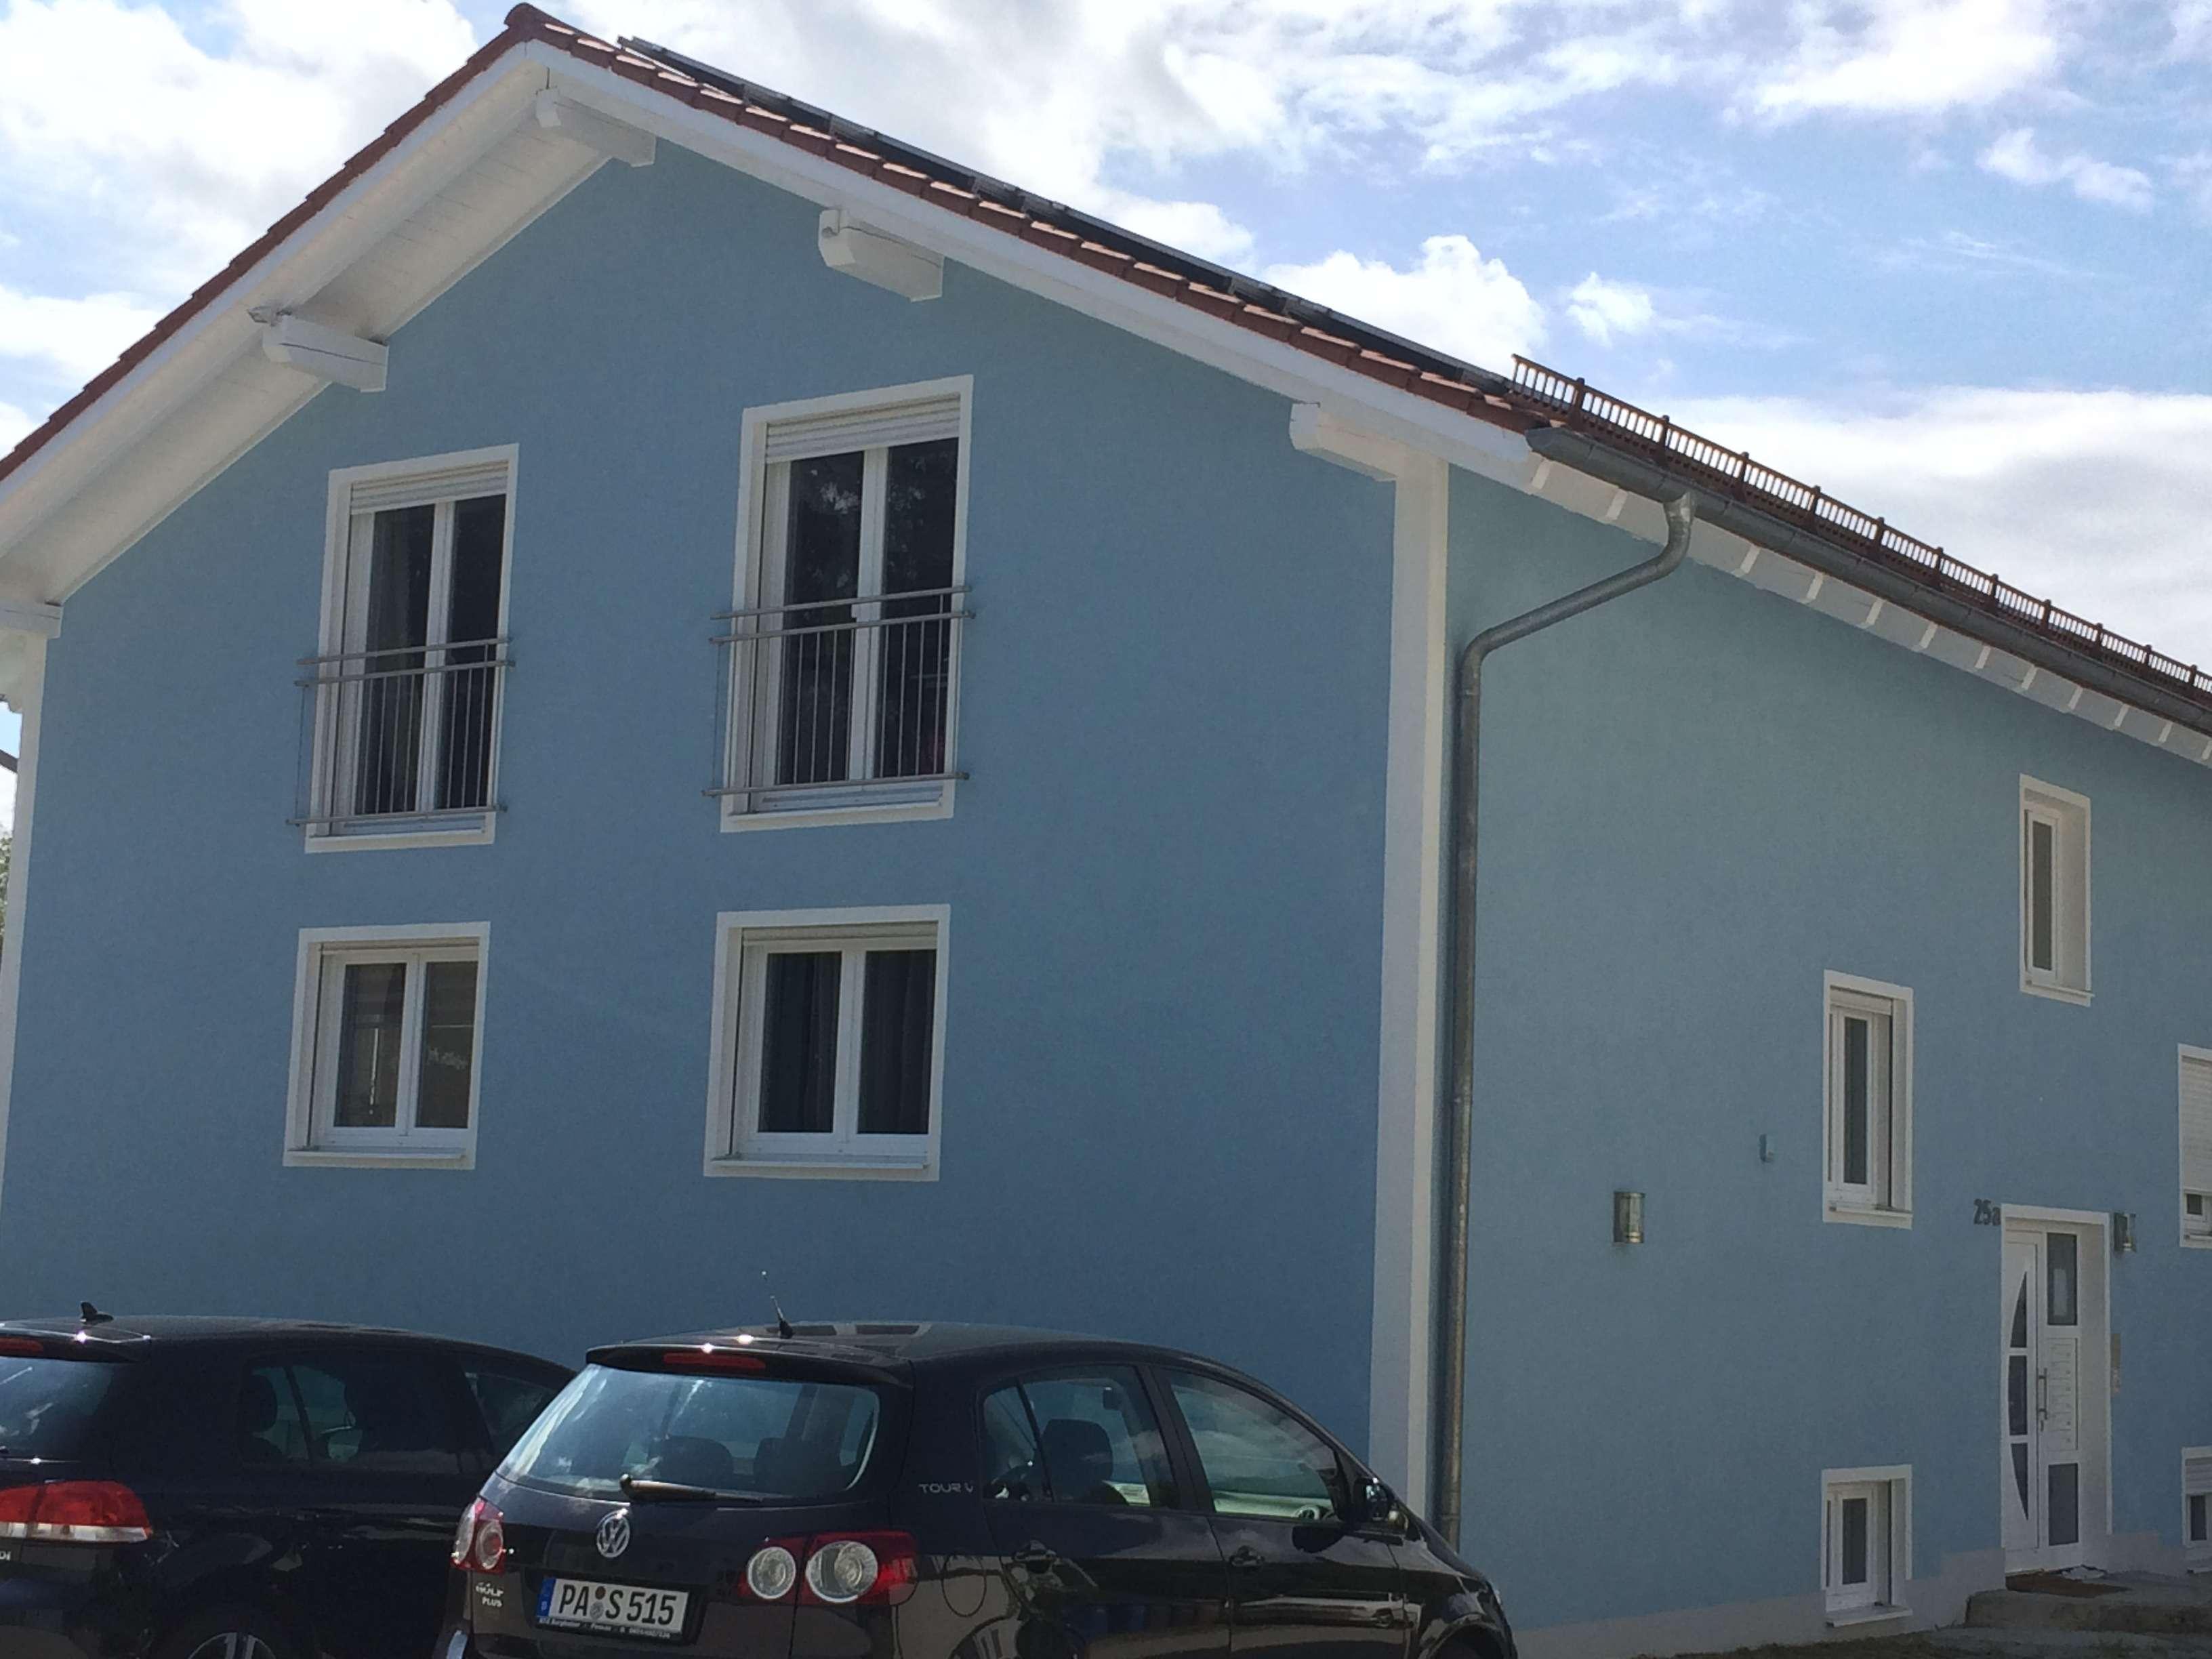 2 Zimmer Erdgeschoss - Einbauküche - Bad mit Dusche u. Wanne - frei ab 01.03.2020 in Haidenhof Süd (Passau)